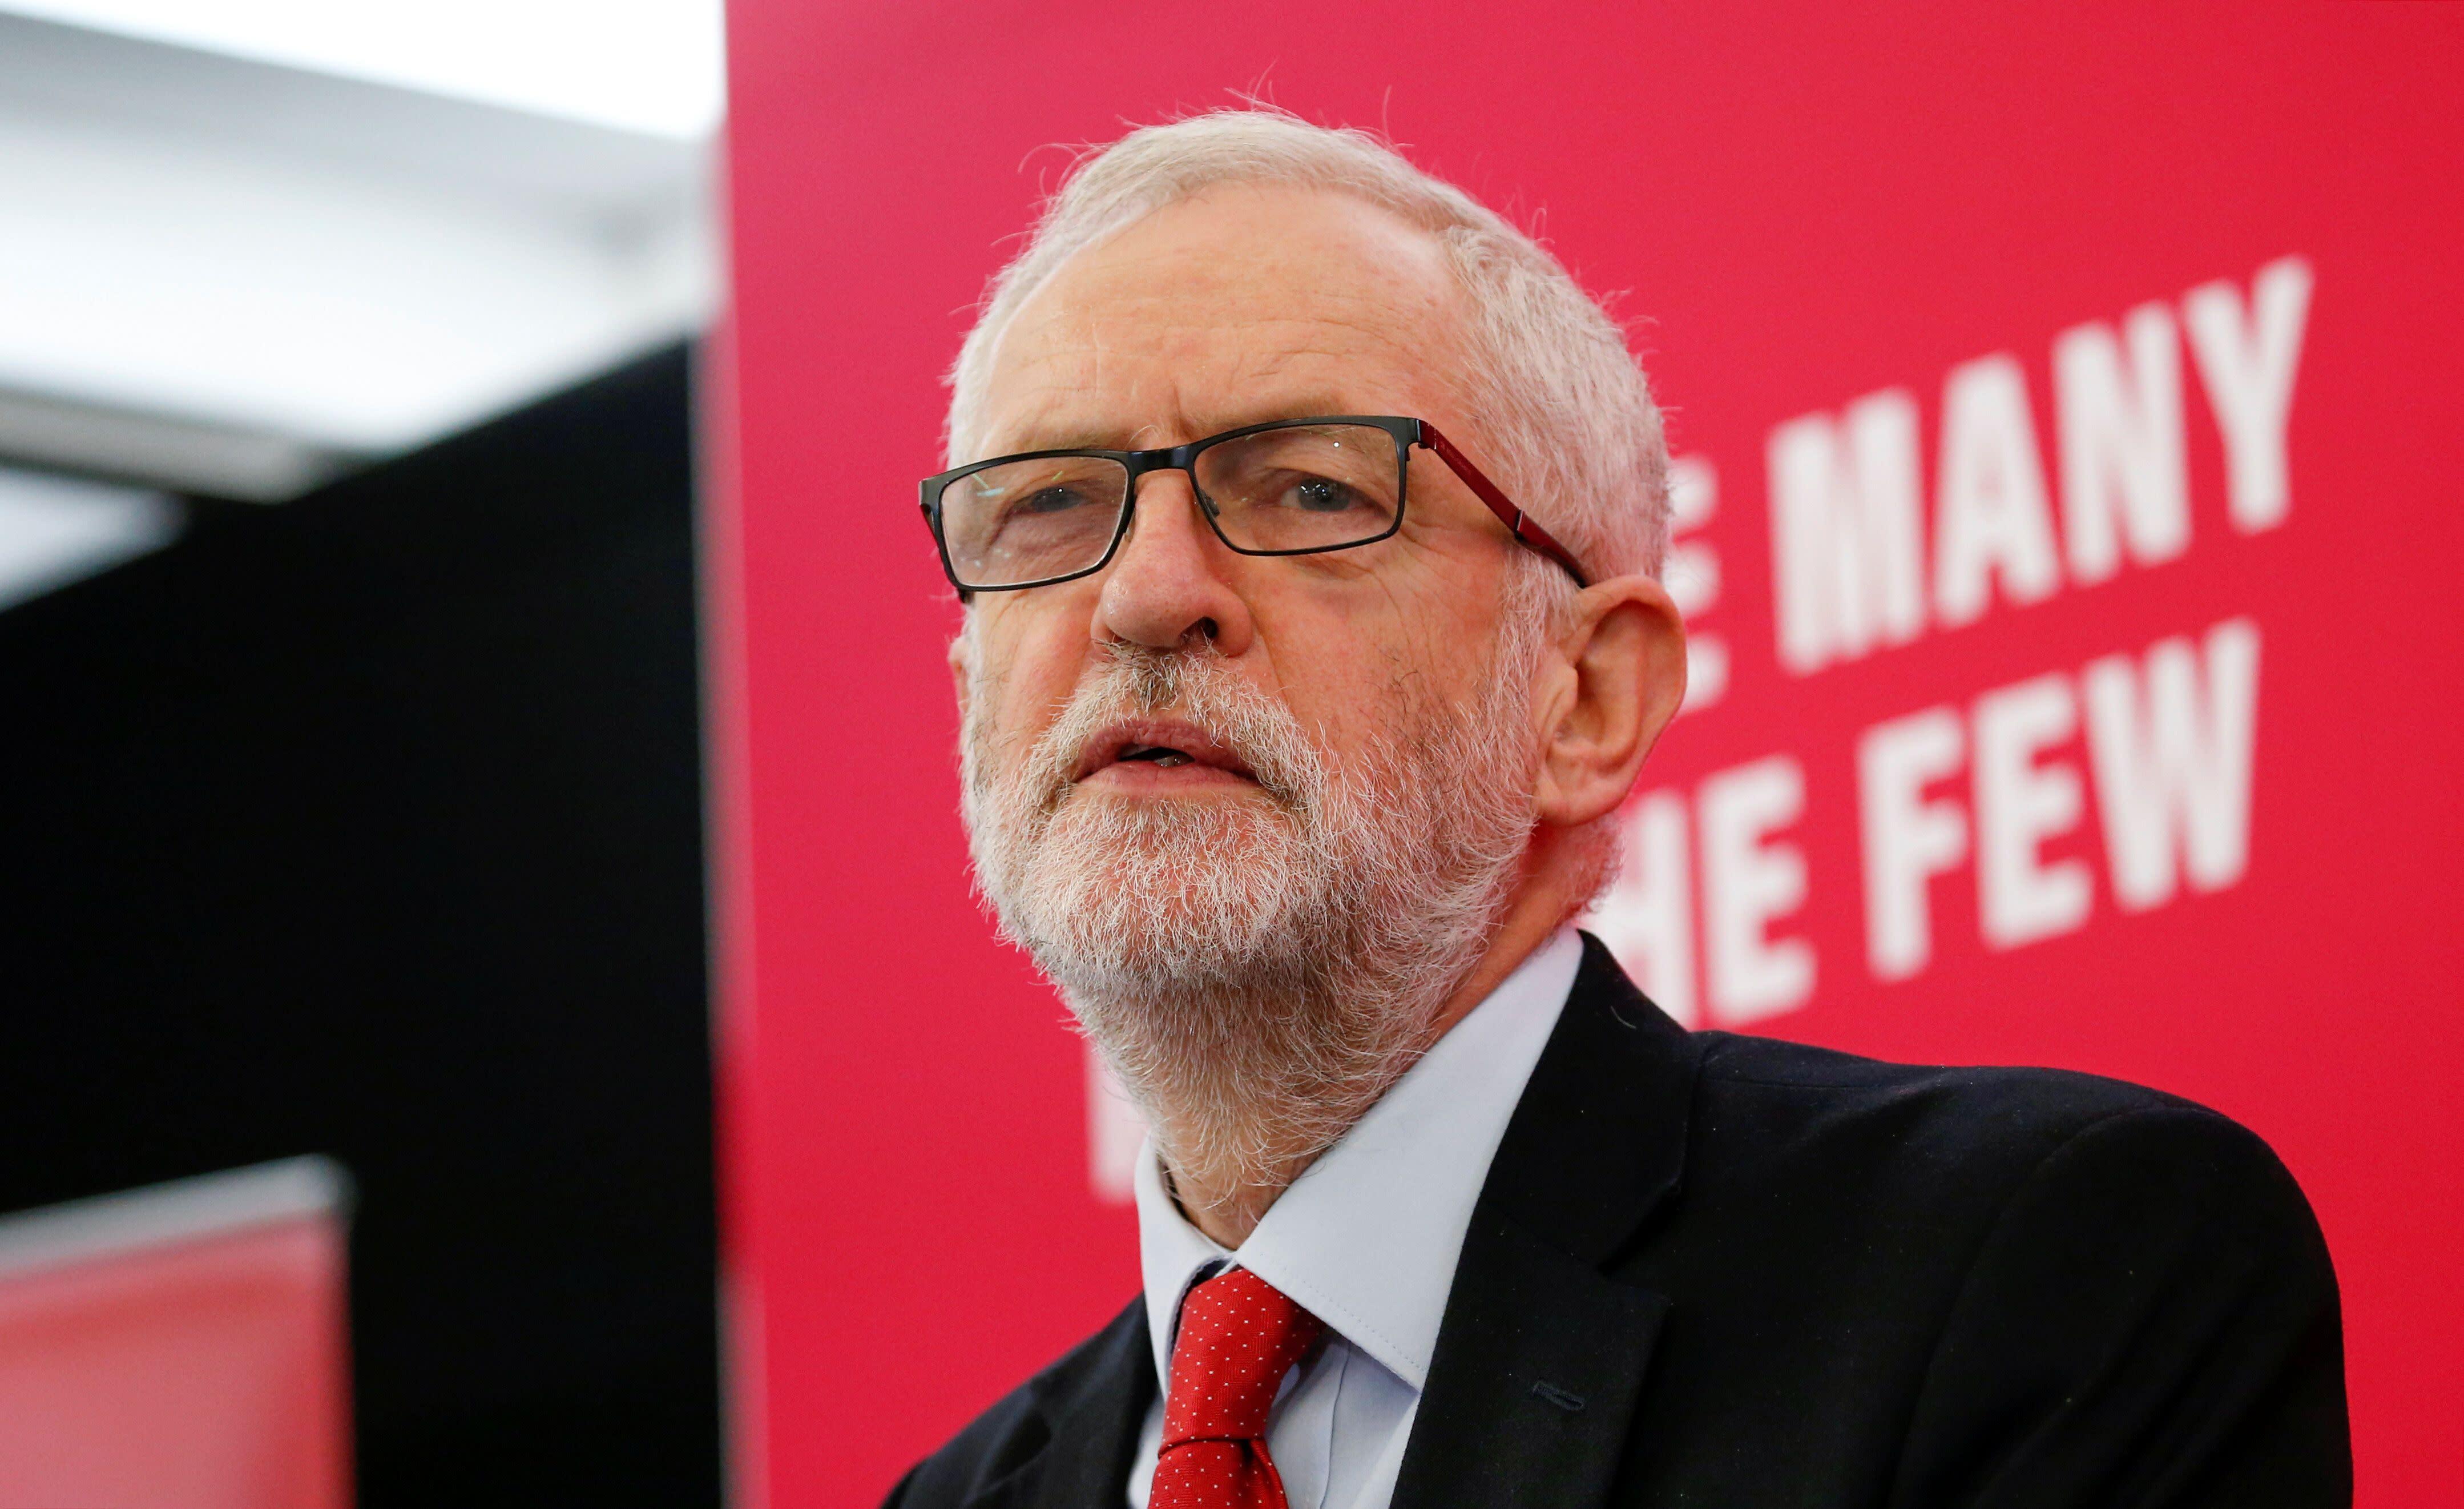 Labour Complains To Ofcom Over Sky News 'Brexit Election' Branding